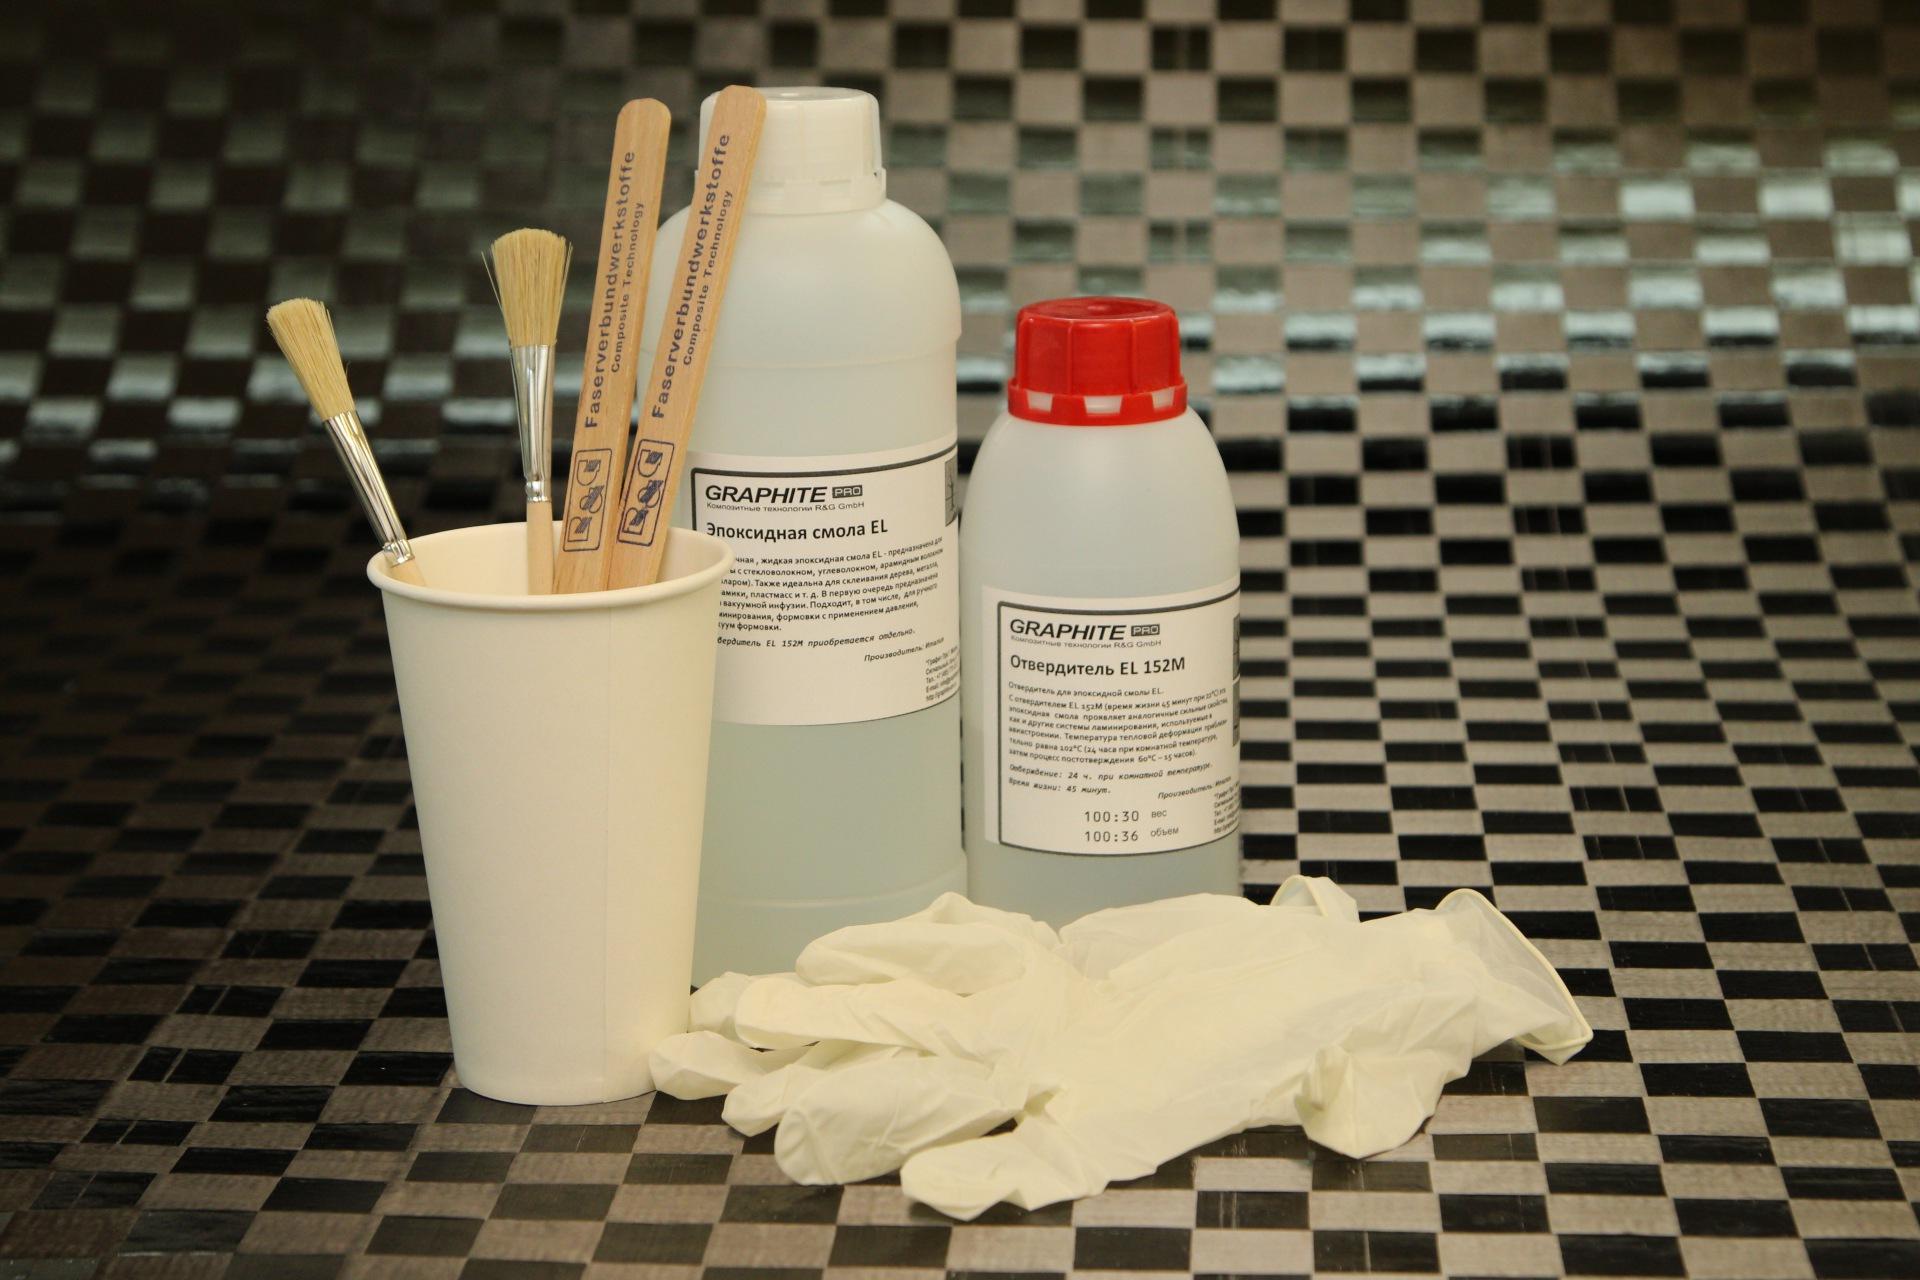 Эпоксидная смола EL + отвердитель EL 152 L (120 мин), набор из двух компонентов. / Epoxy resin EL + Hardener EL 152 L